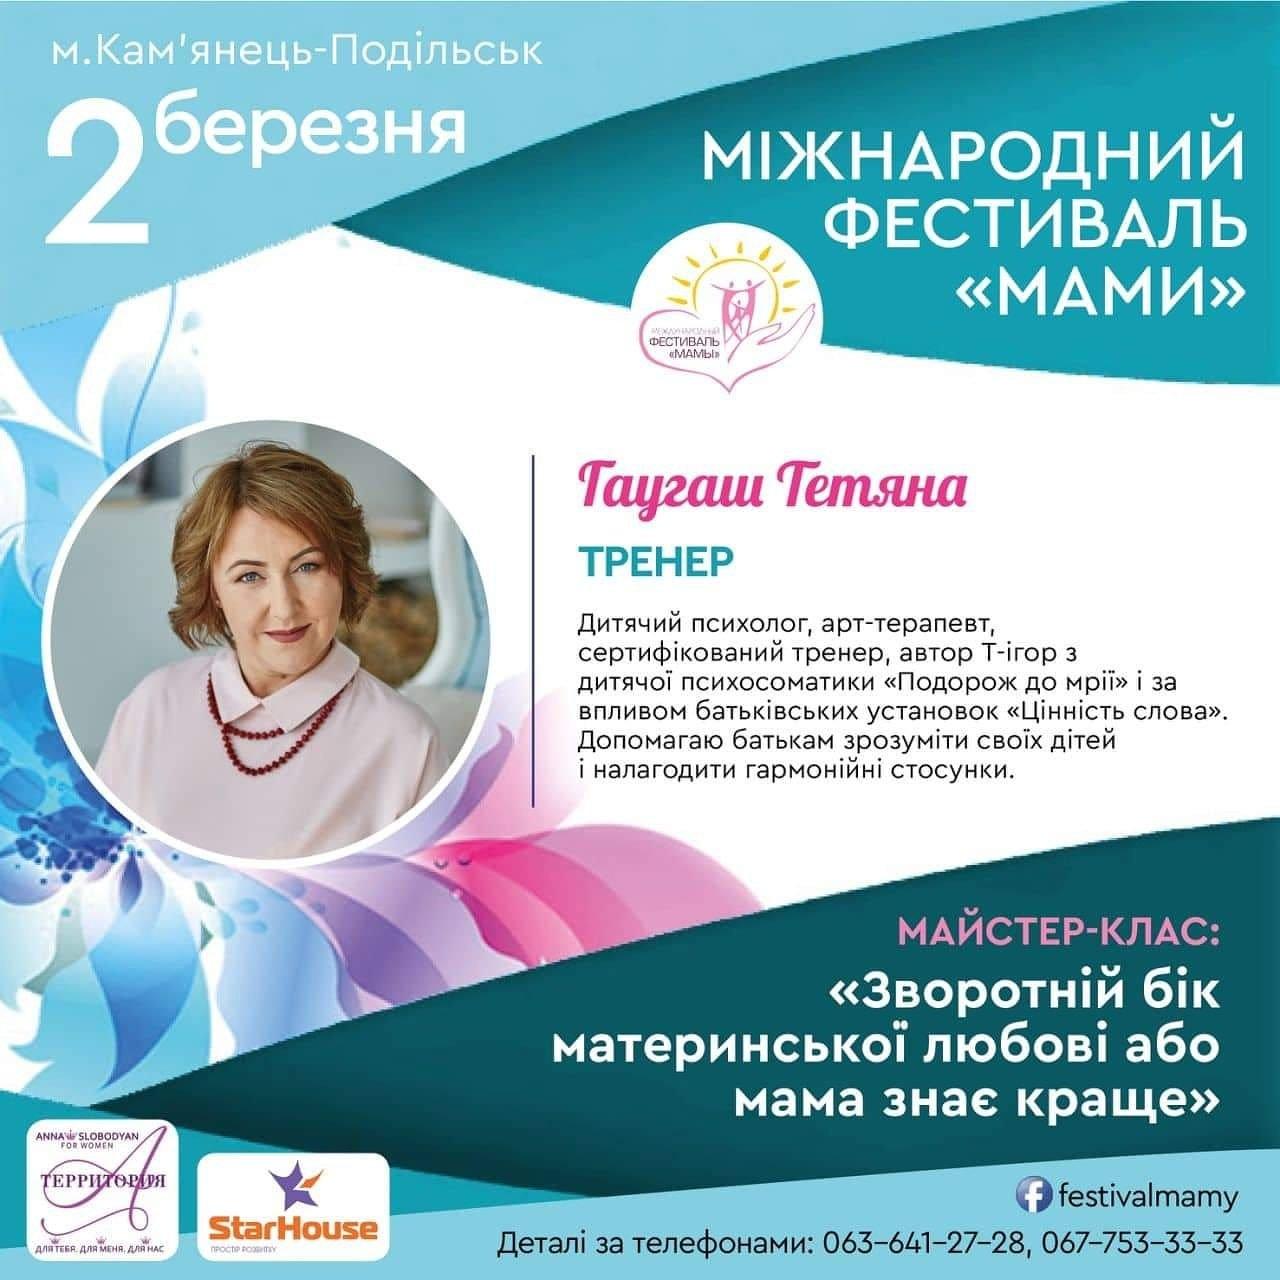 """Міжнародний фестиваль """"Мами"""" у Кам'янці-Подільському анонсує спікерів, фото-3"""